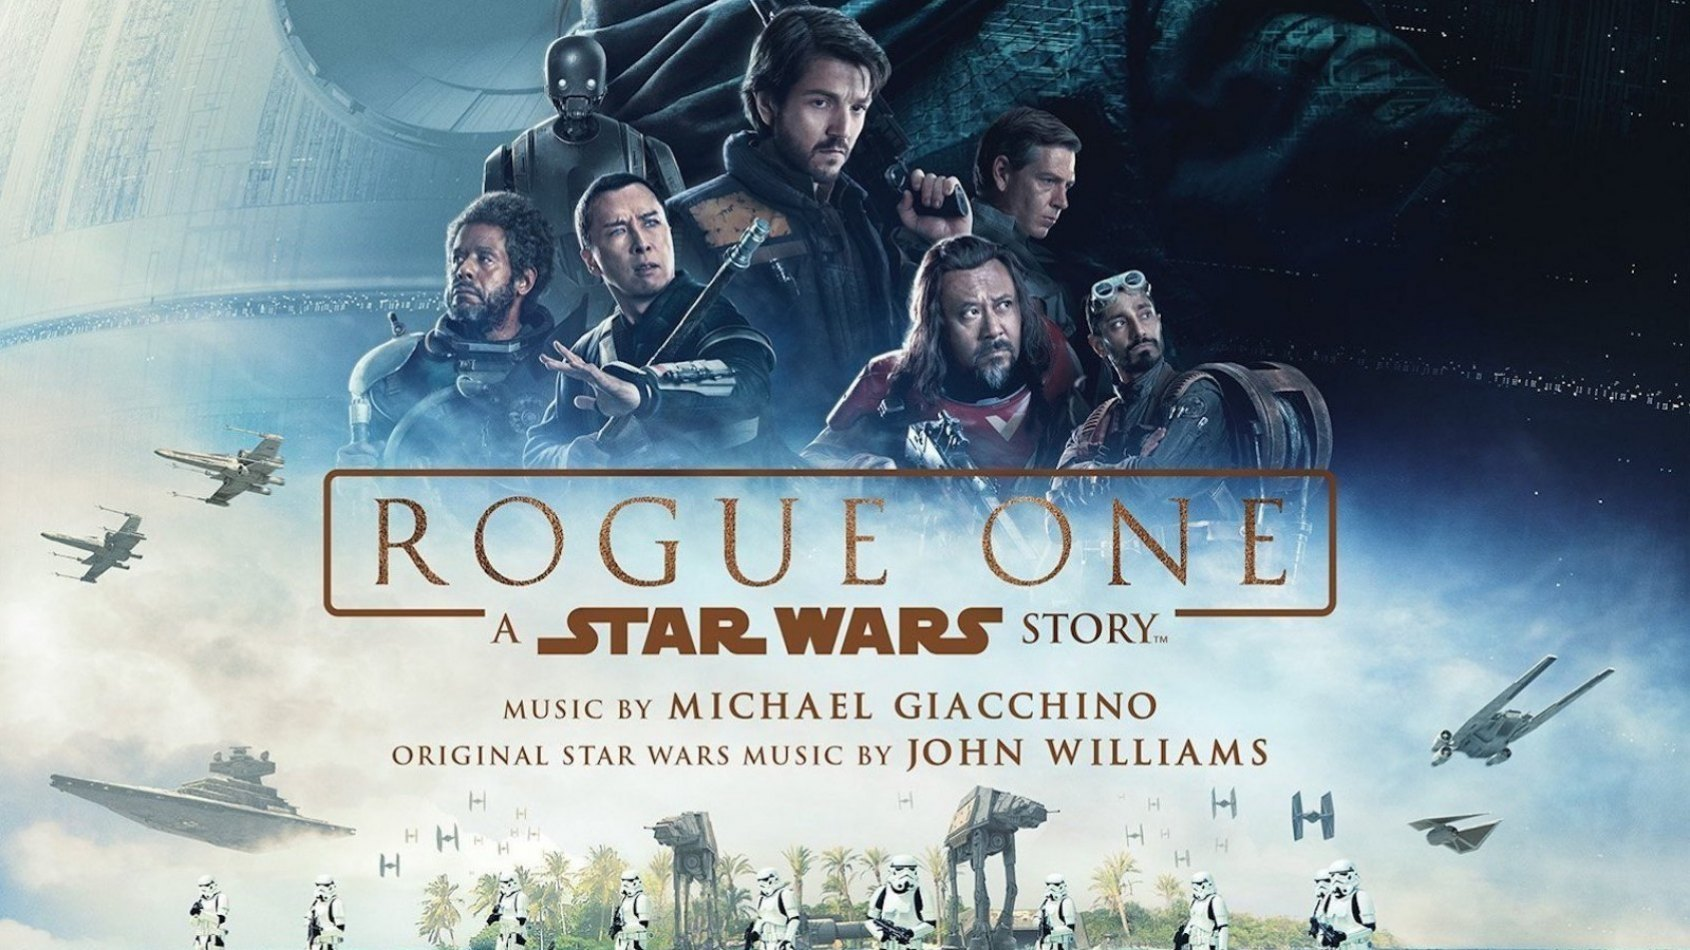 La liste complète des musiques de Rogue One a fuitée!